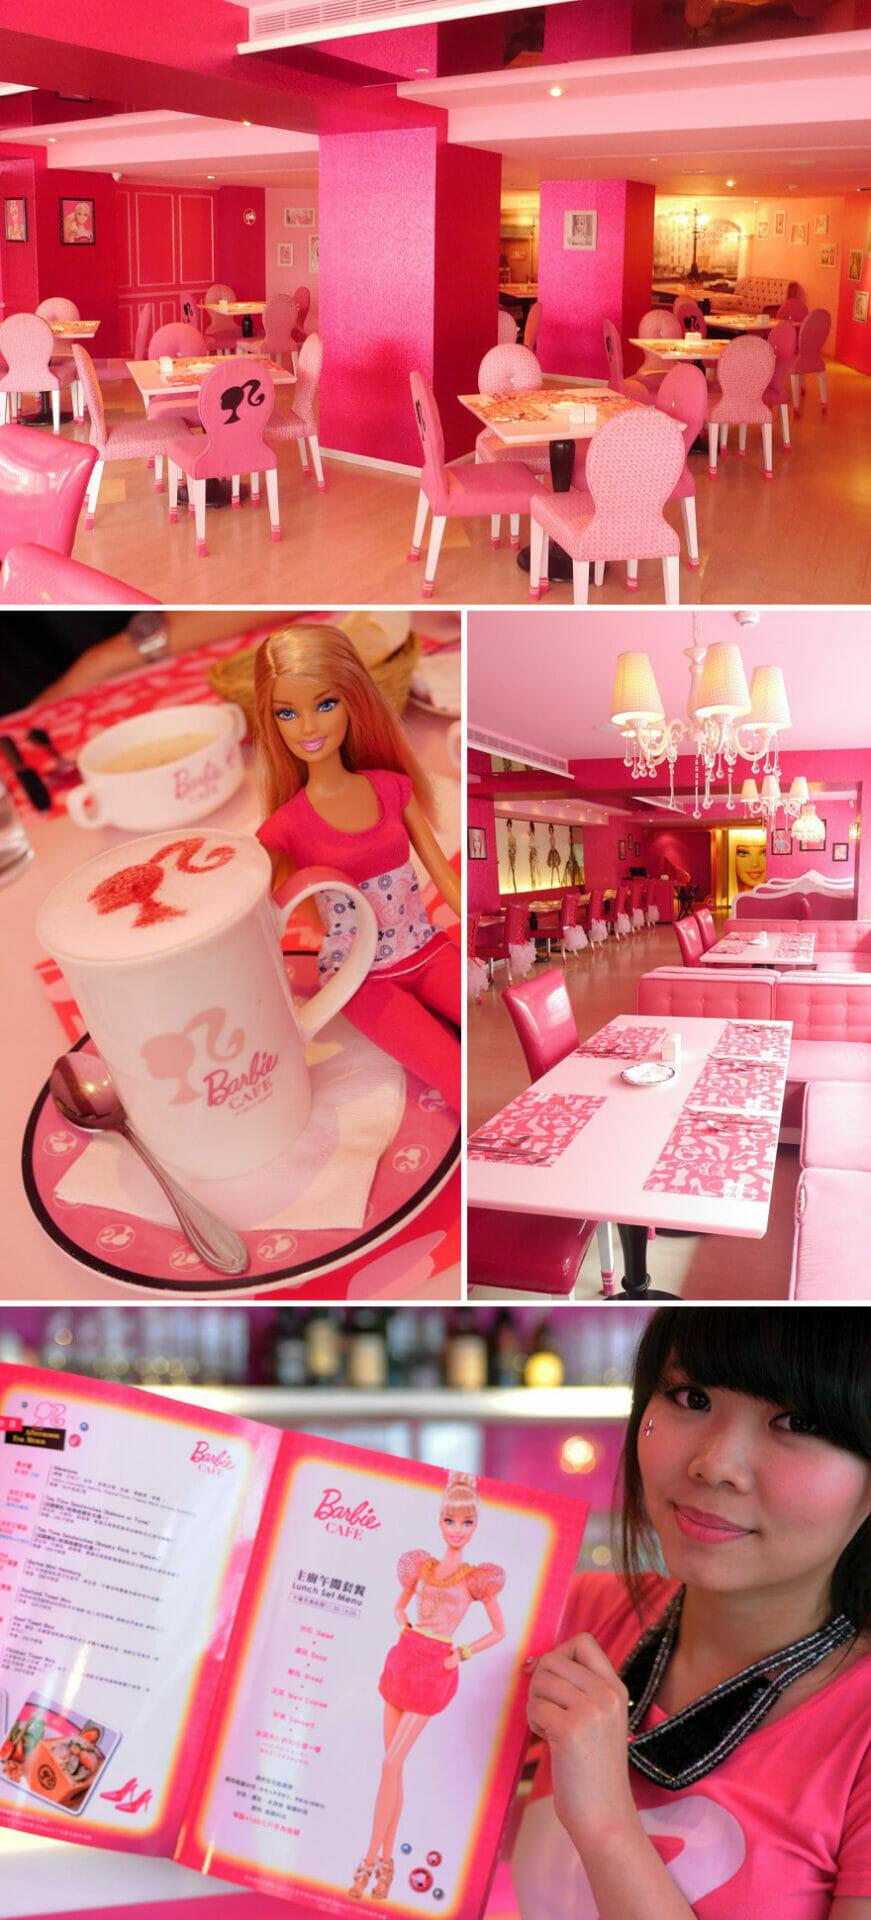 restaurantes-cafes-espetaculares_1